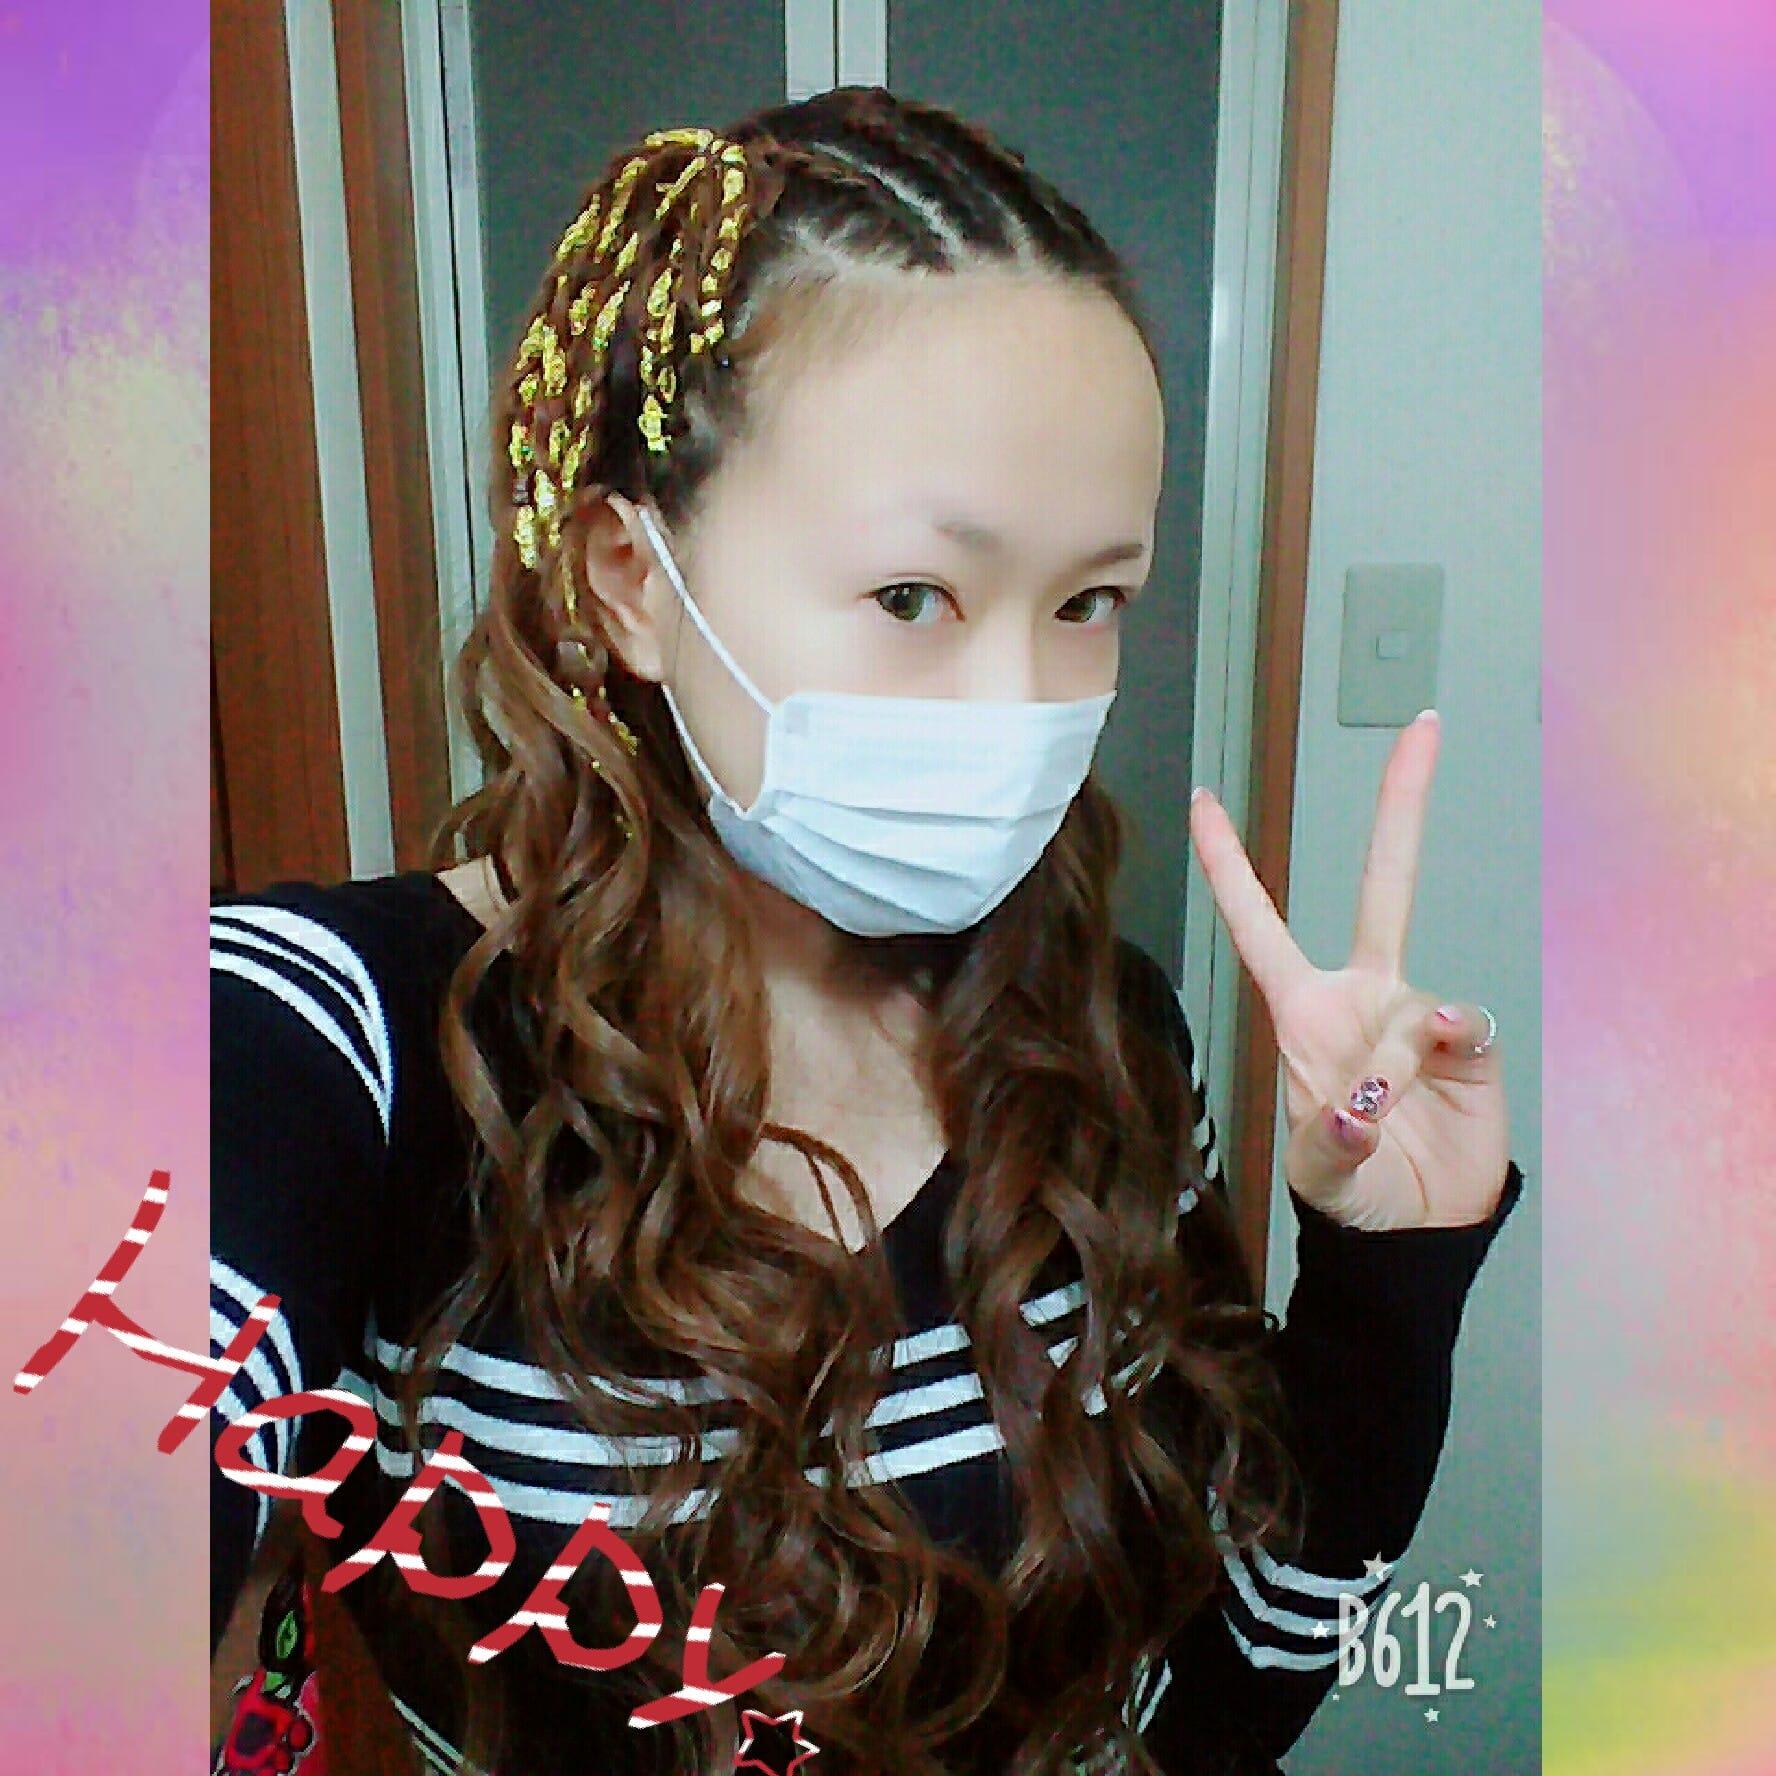 「キラキラ〜(*^^*)」04/24(火) 22:25 | ゆうなの写メ・風俗動画